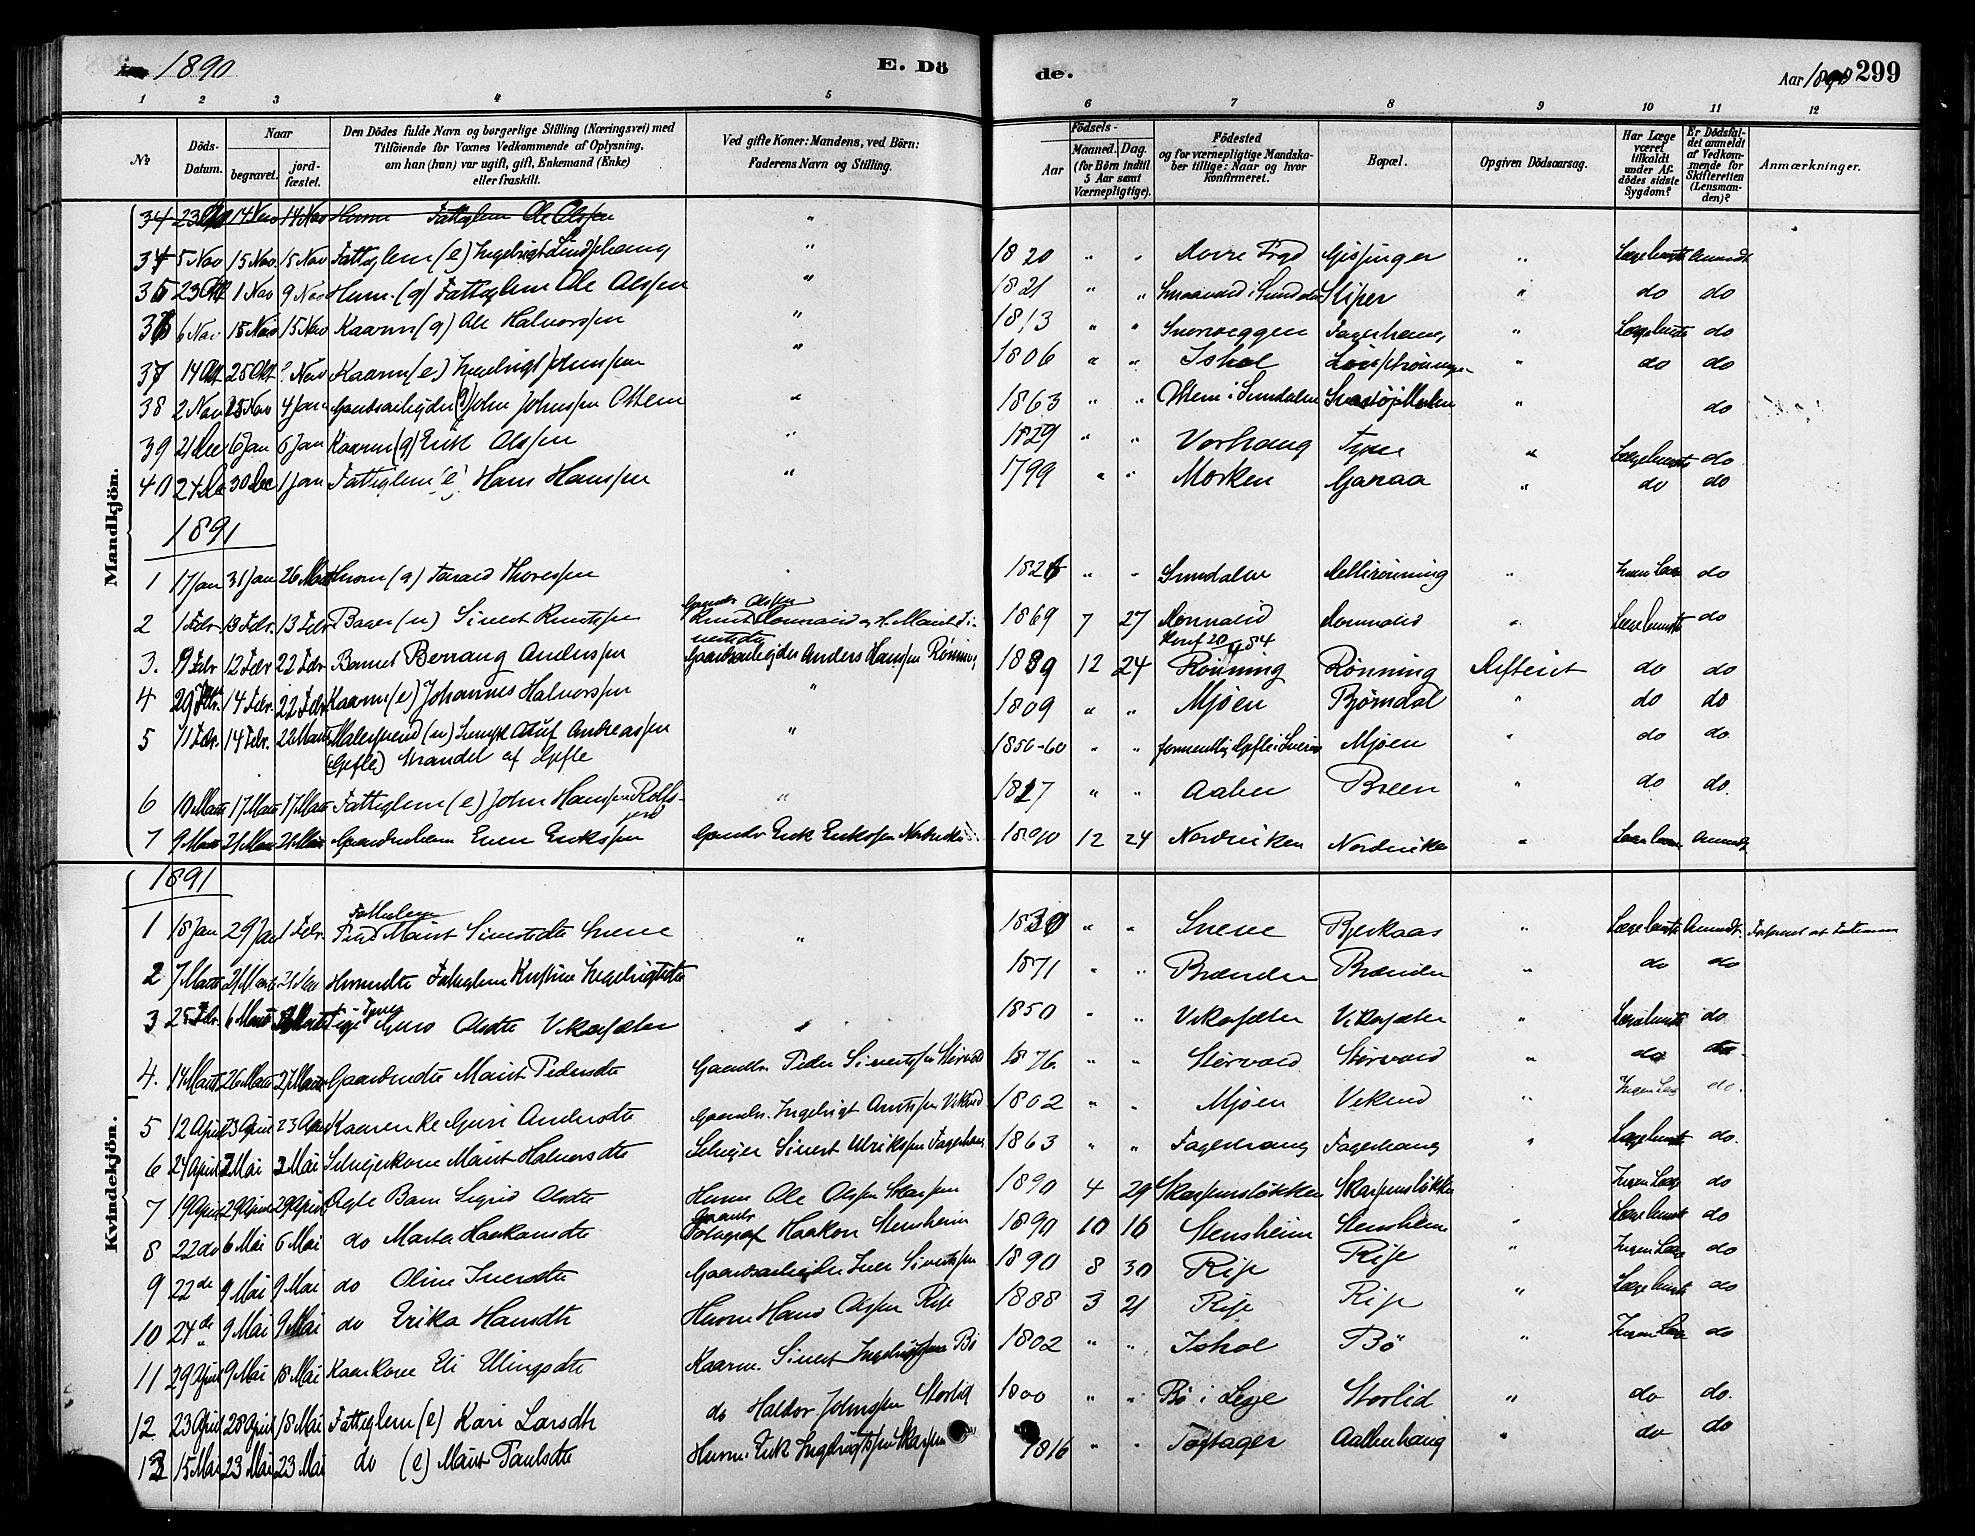 SAT, Ministerialprotokoller, klokkerbøker og fødselsregistre - Sør-Trøndelag, 678/L0901: Ministerialbok nr. 678A10, 1881-1894, s. 299